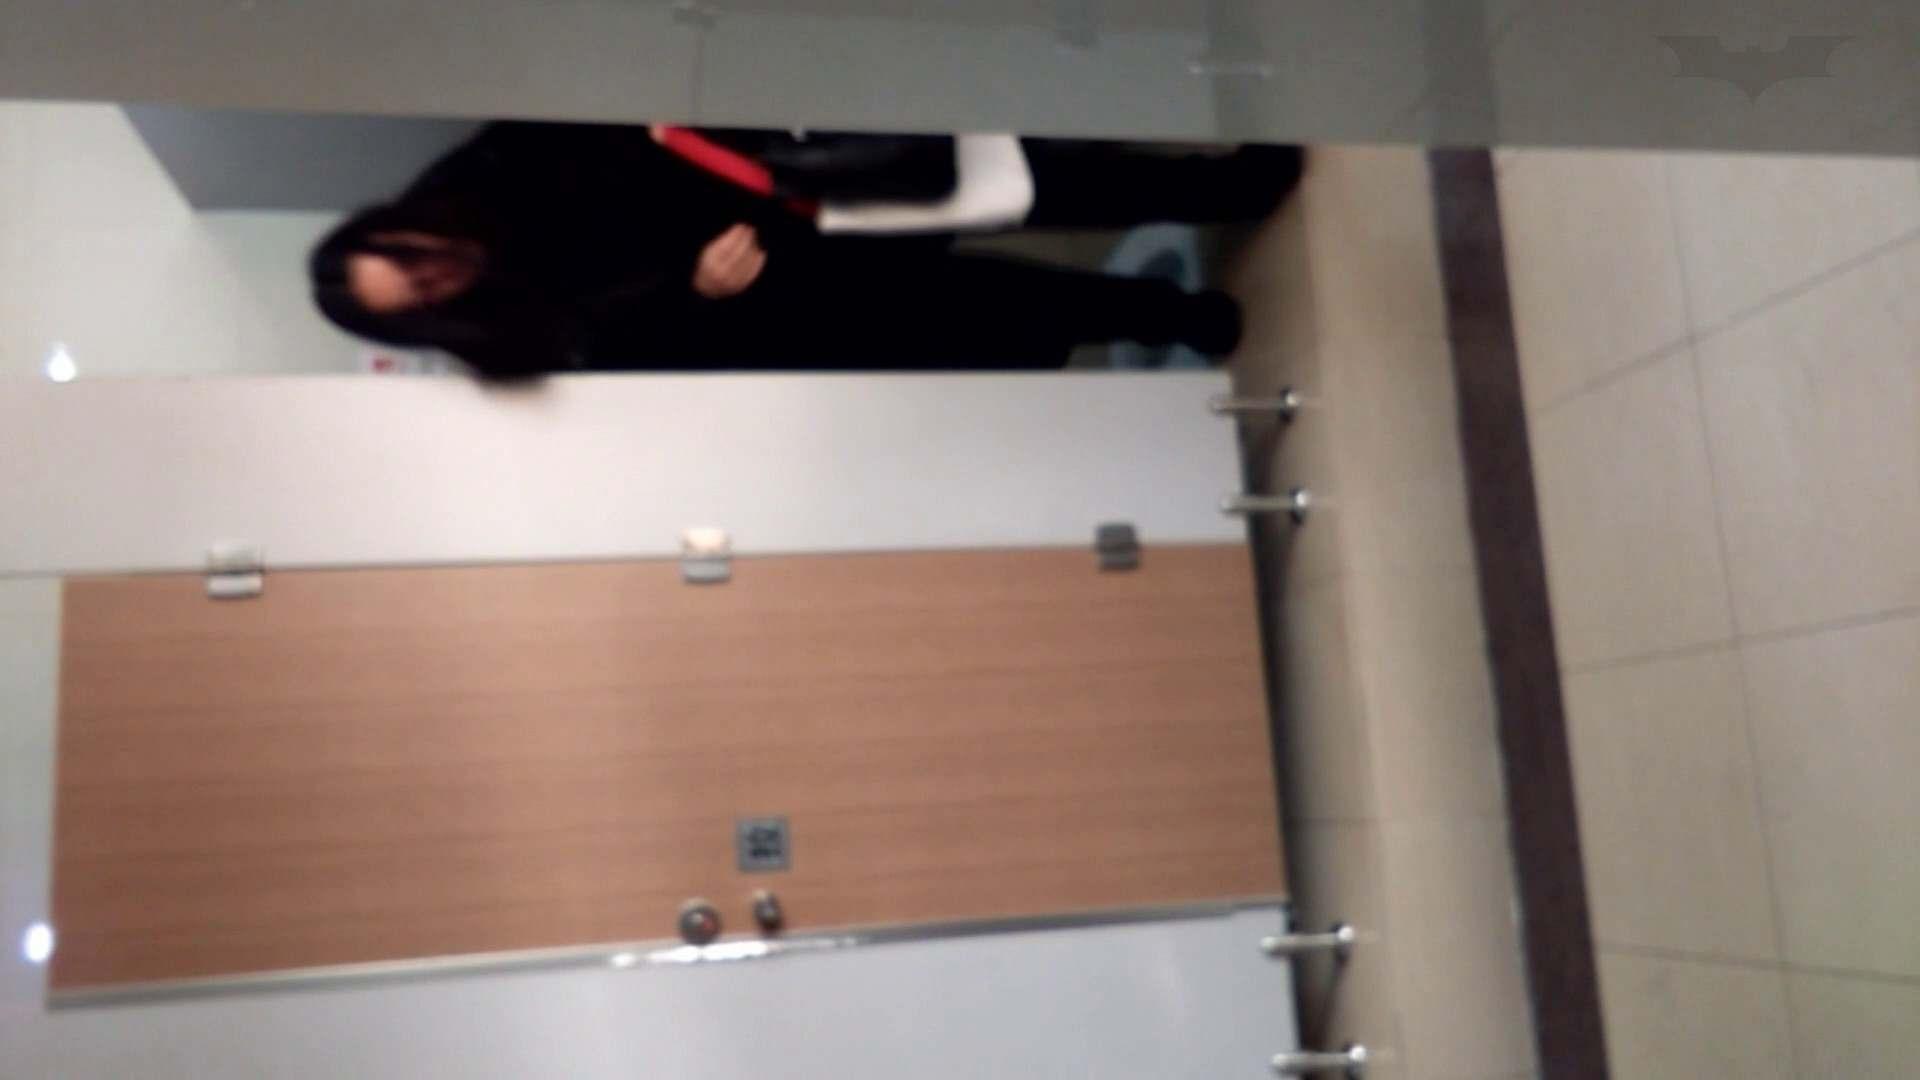 芸術大学ガチ潜入盗撮 JD盗撮 美女の洗面所の秘密 Vol.99 細身・スレンダー すけべAV動画紹介 65画像 16